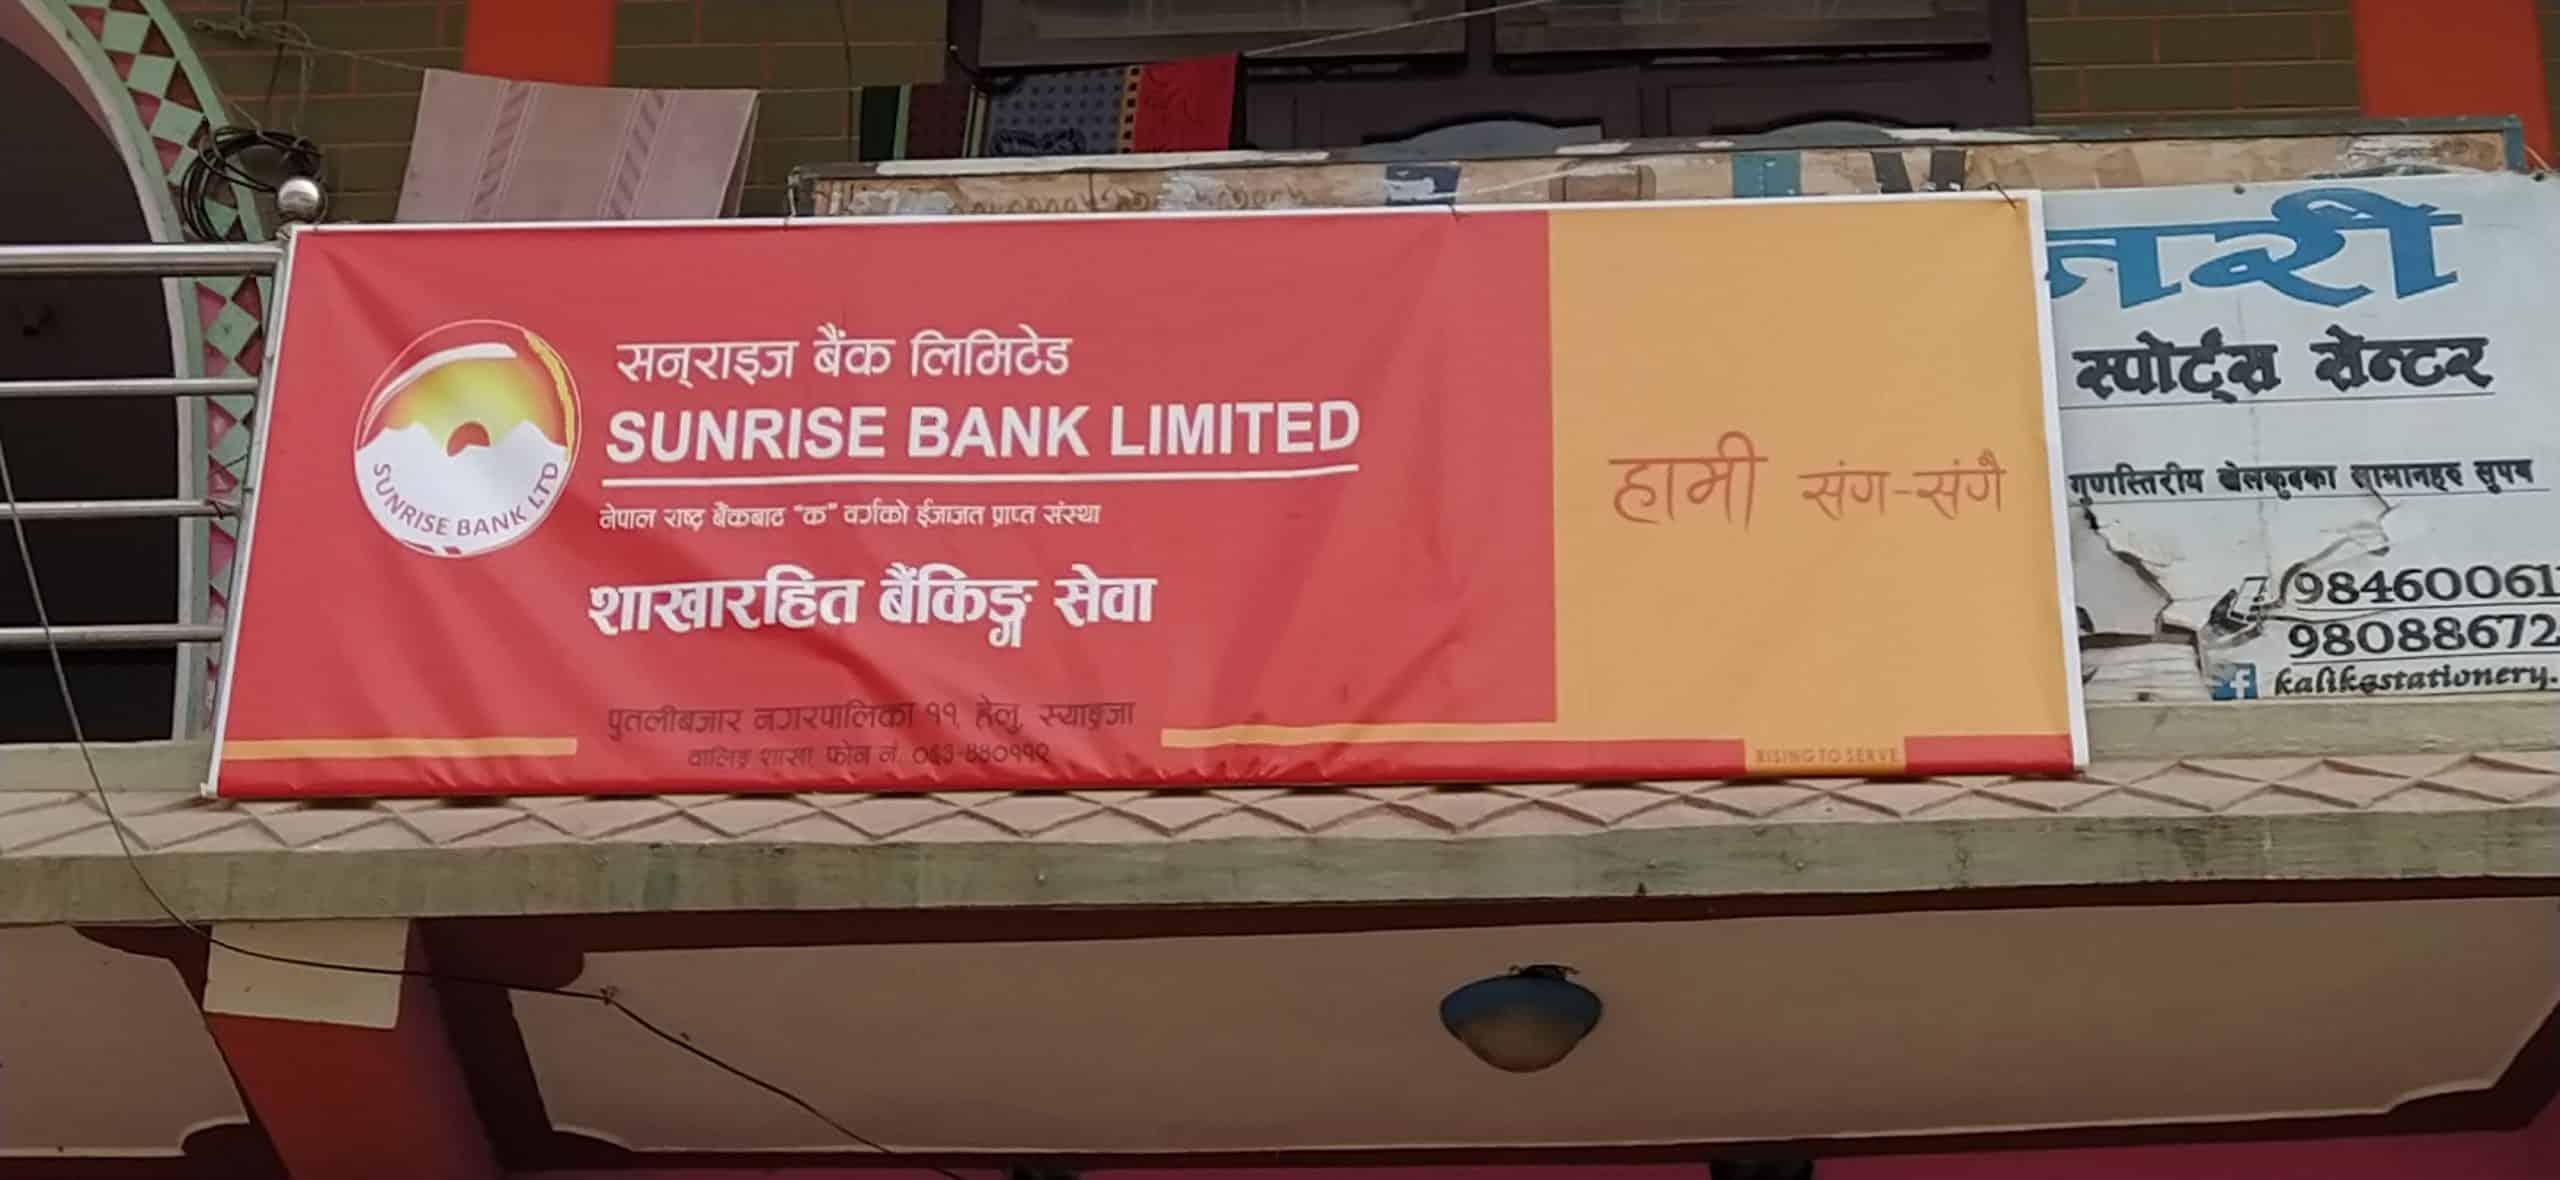 सनराइज बैंकको शाखा रहित बैंकिङ सेवा हेलुमा सुरु